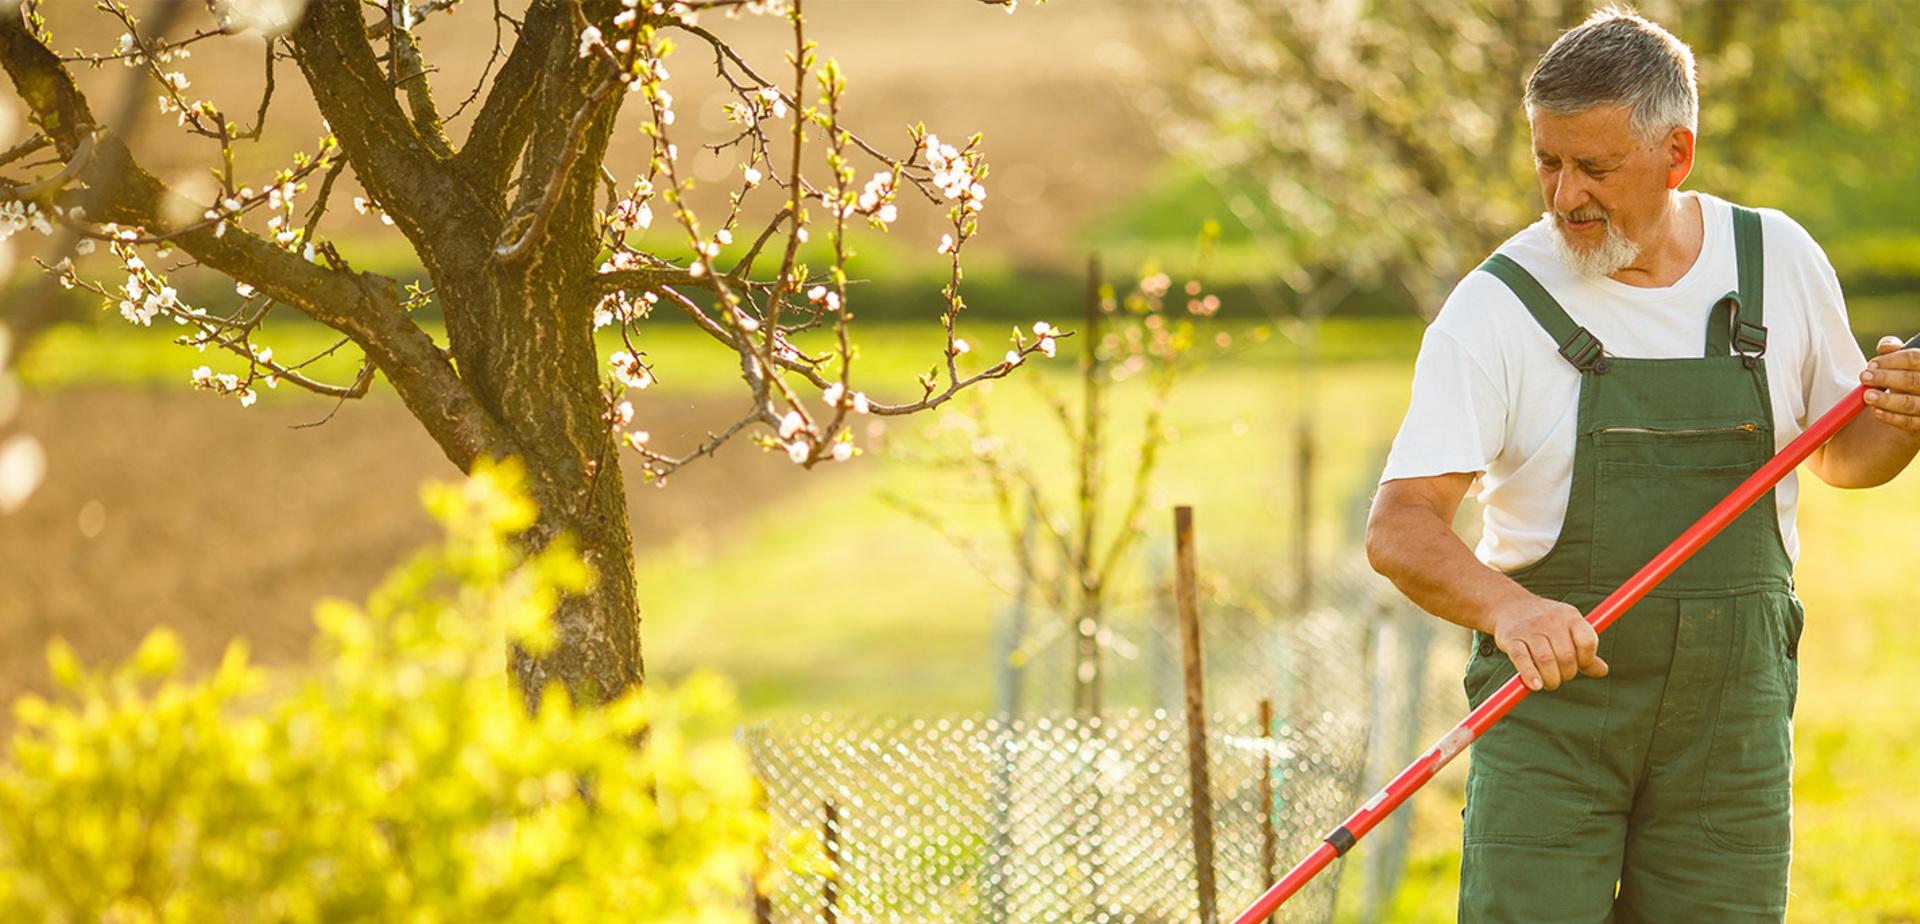 Jardinage Pour Les Nuls: Aménagement De Jardin avec Jardiner Pour Les Nuls